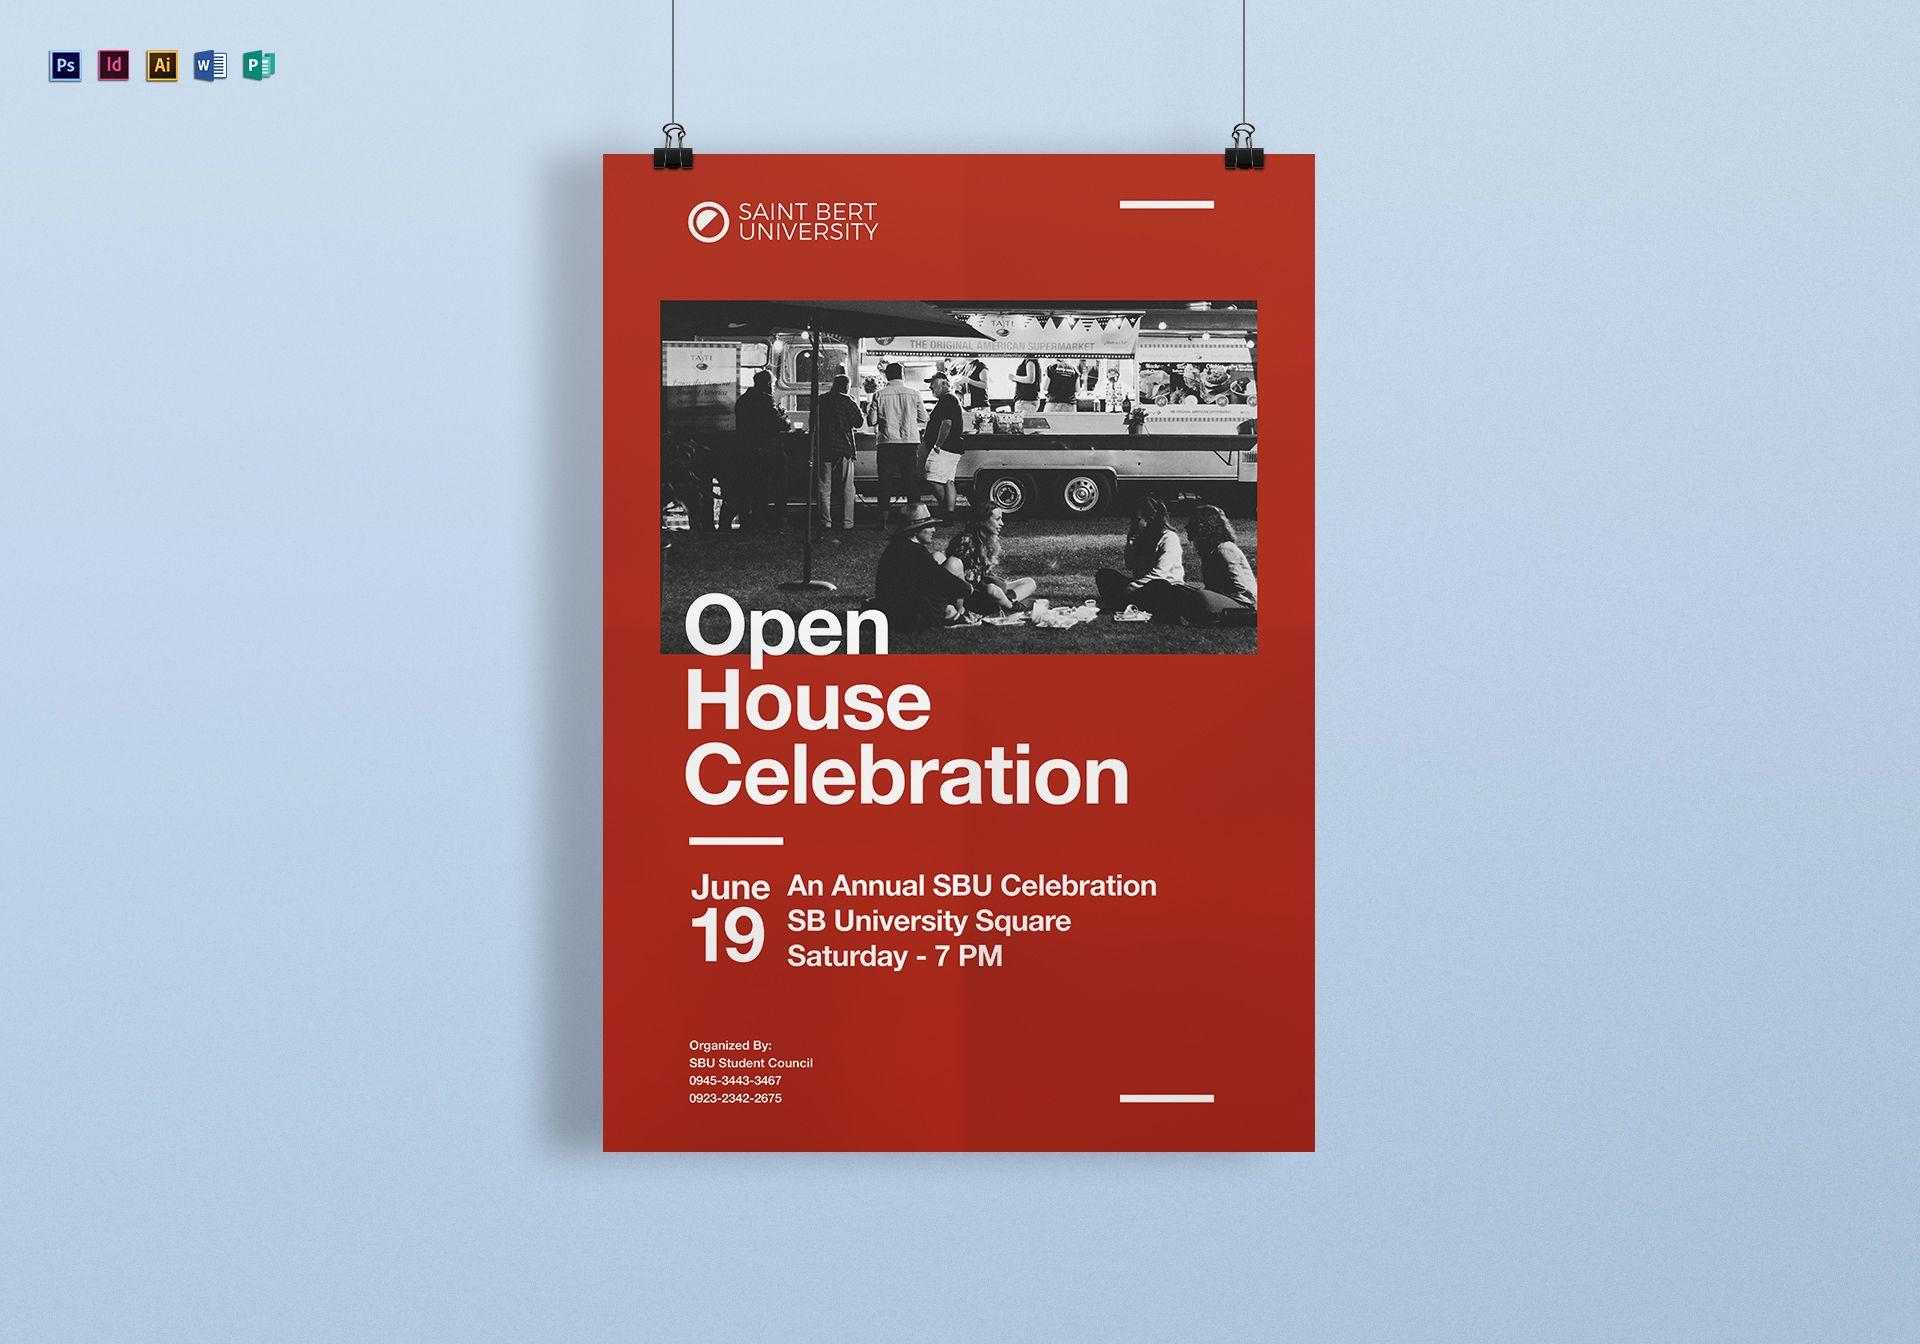 university open house celebration poster